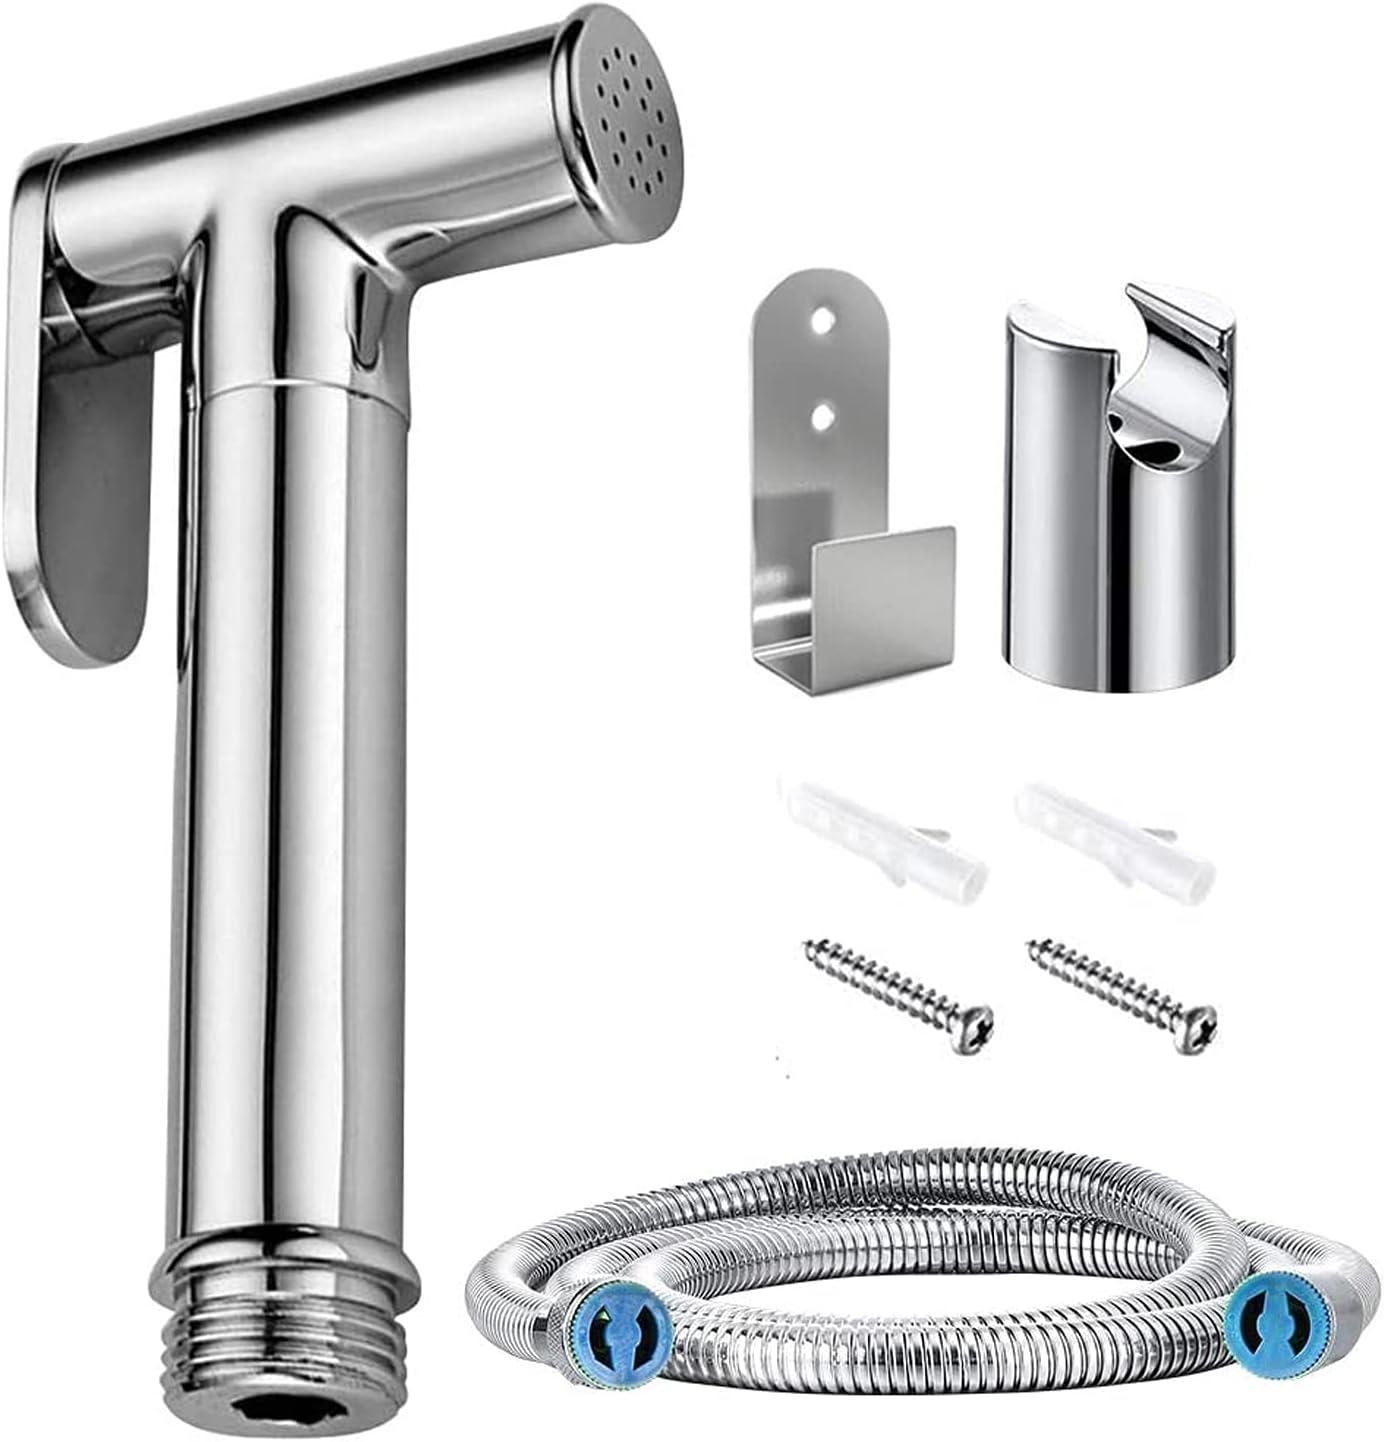 Rociador de bidé de mano – Pulverizador de acero inoxidable Shattaf para inodoro o lavabo – con manguera de 59 pulgadas y soporte, para higiene personal y rociador de inodoro